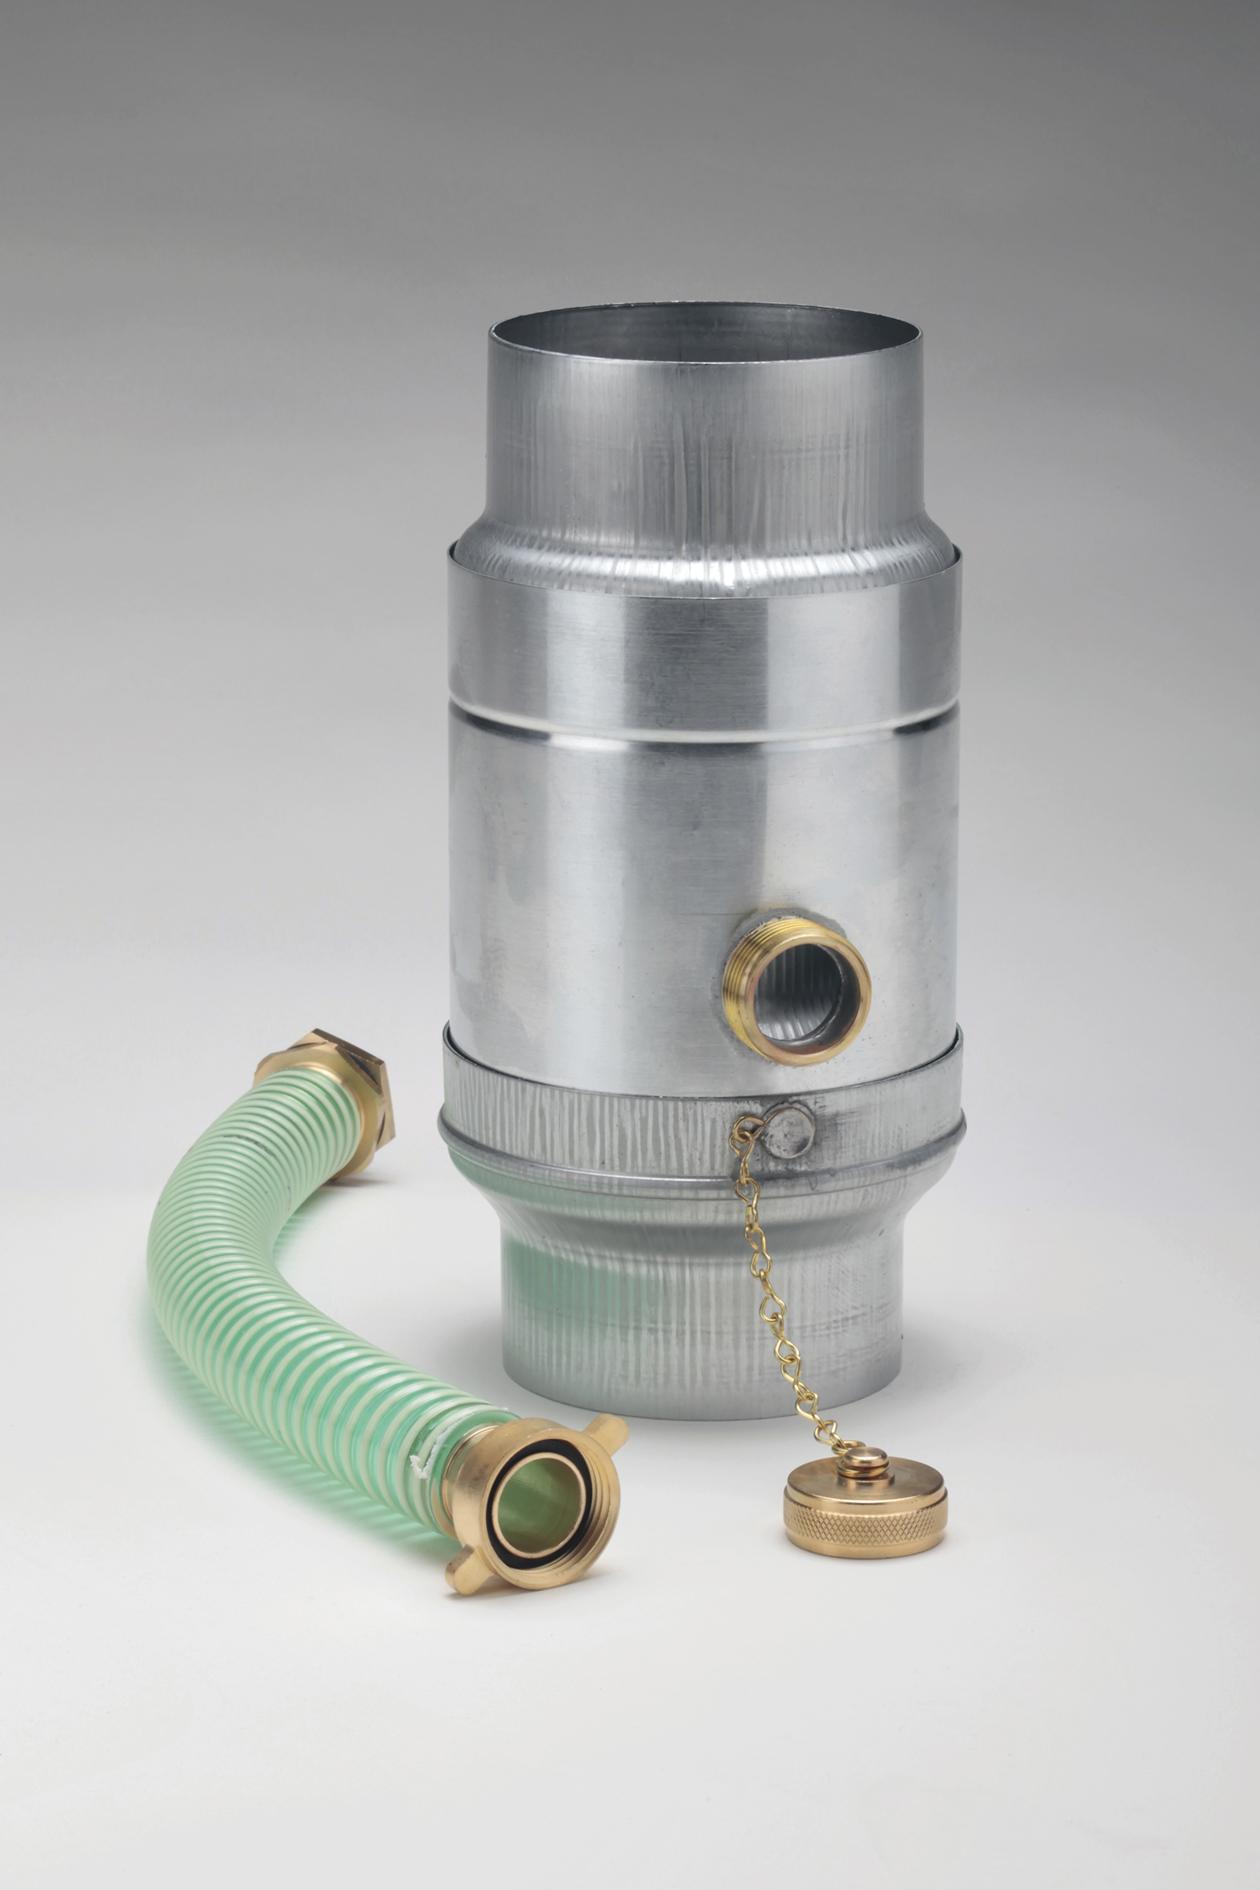 Wassersammler mit Schlauchanschluss